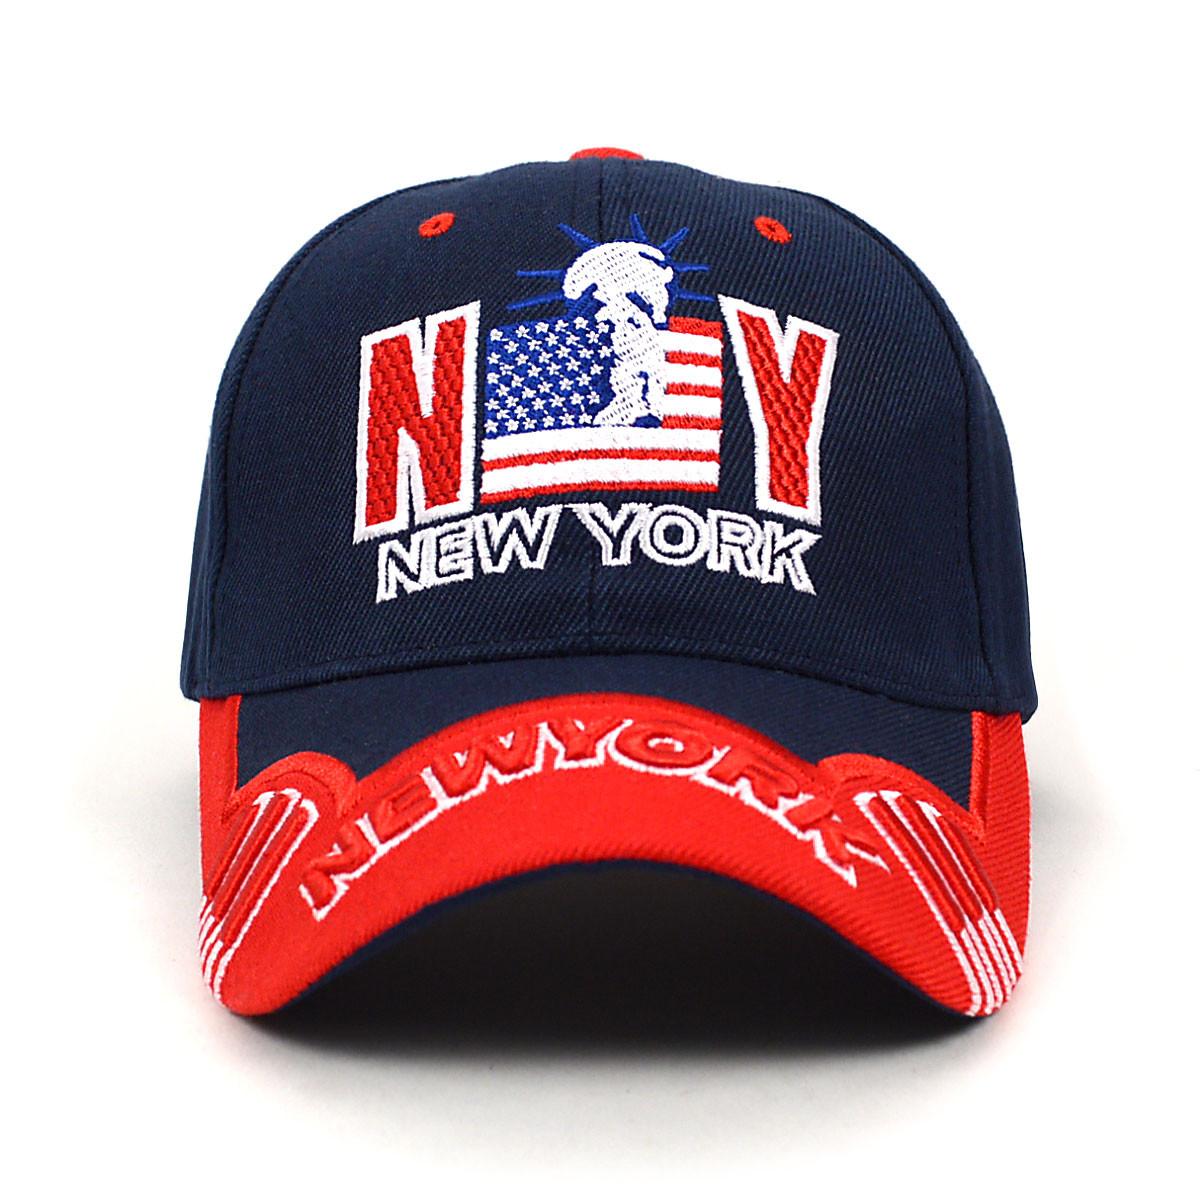 83538cba69600 NY Flag Navy Blue 3D Embroidered Baseball Cap